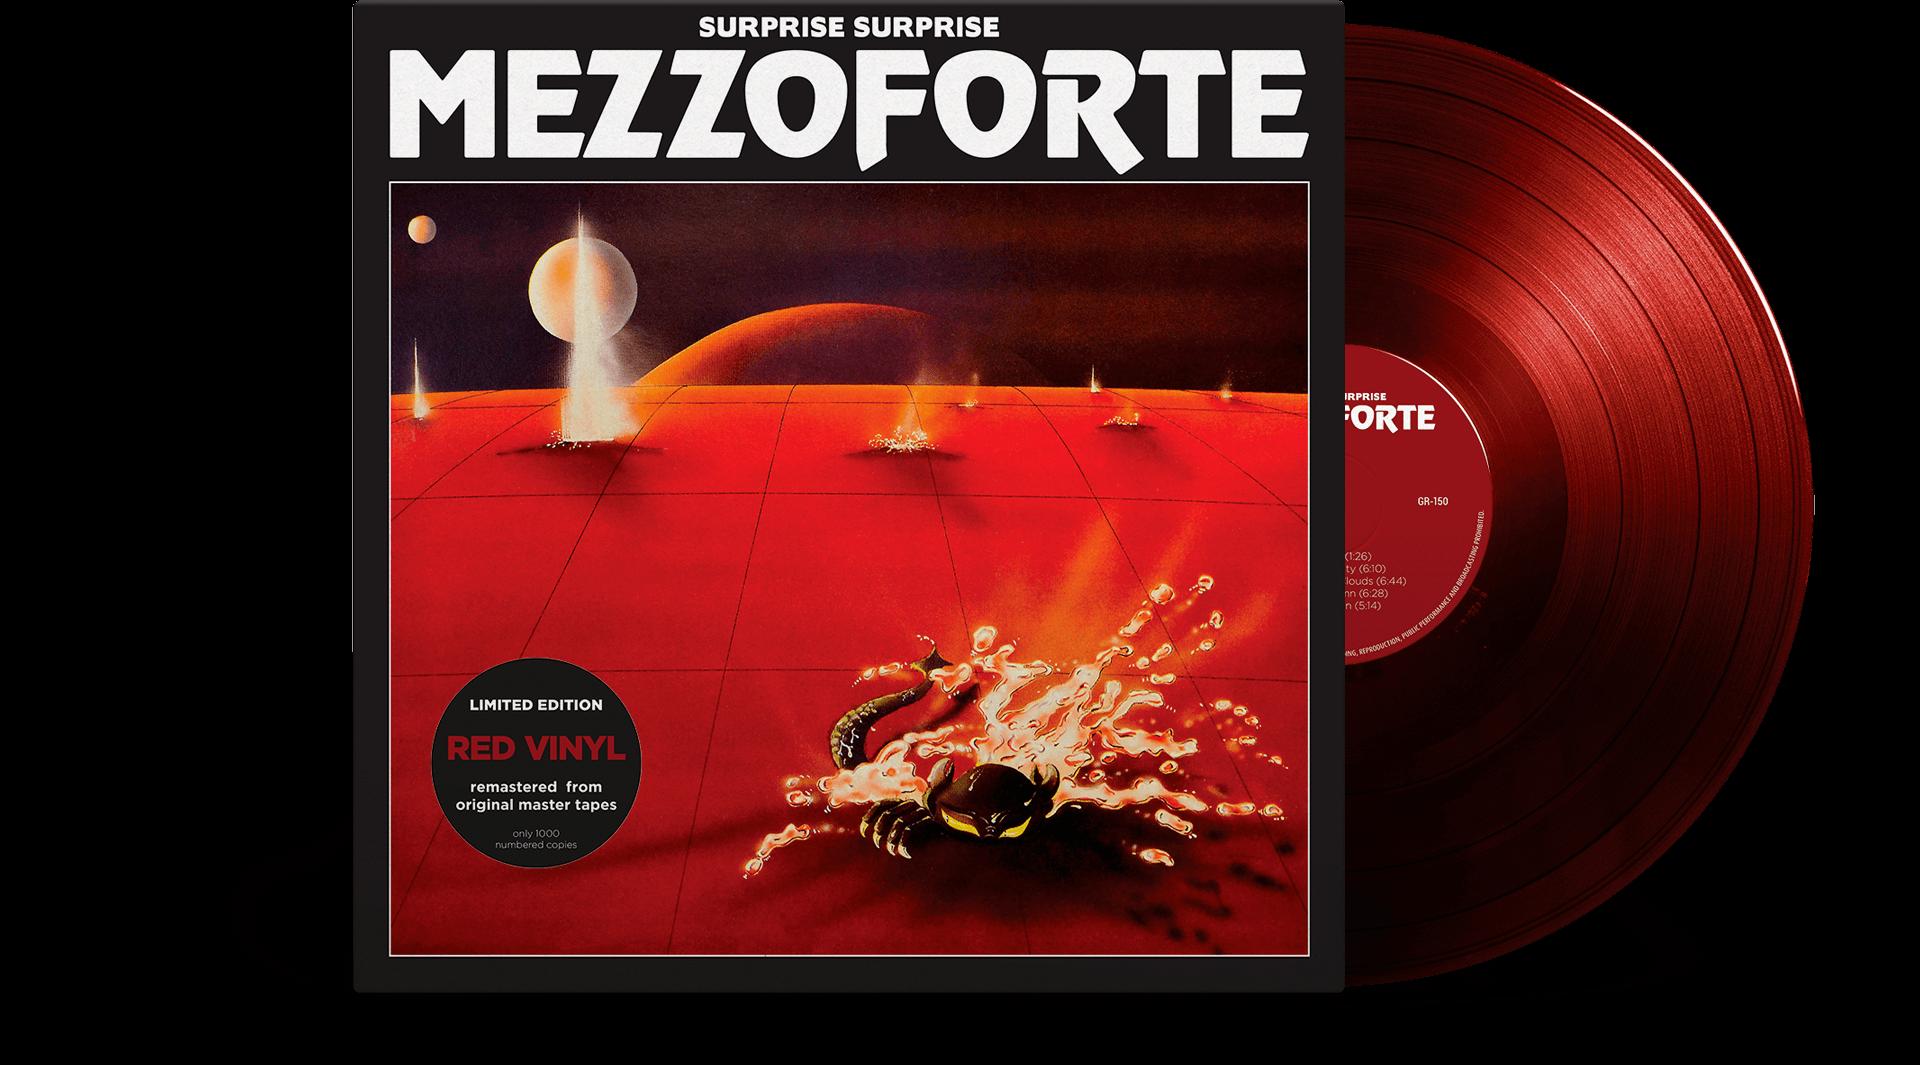 Mezzoforte Surprise Surprise (LP)